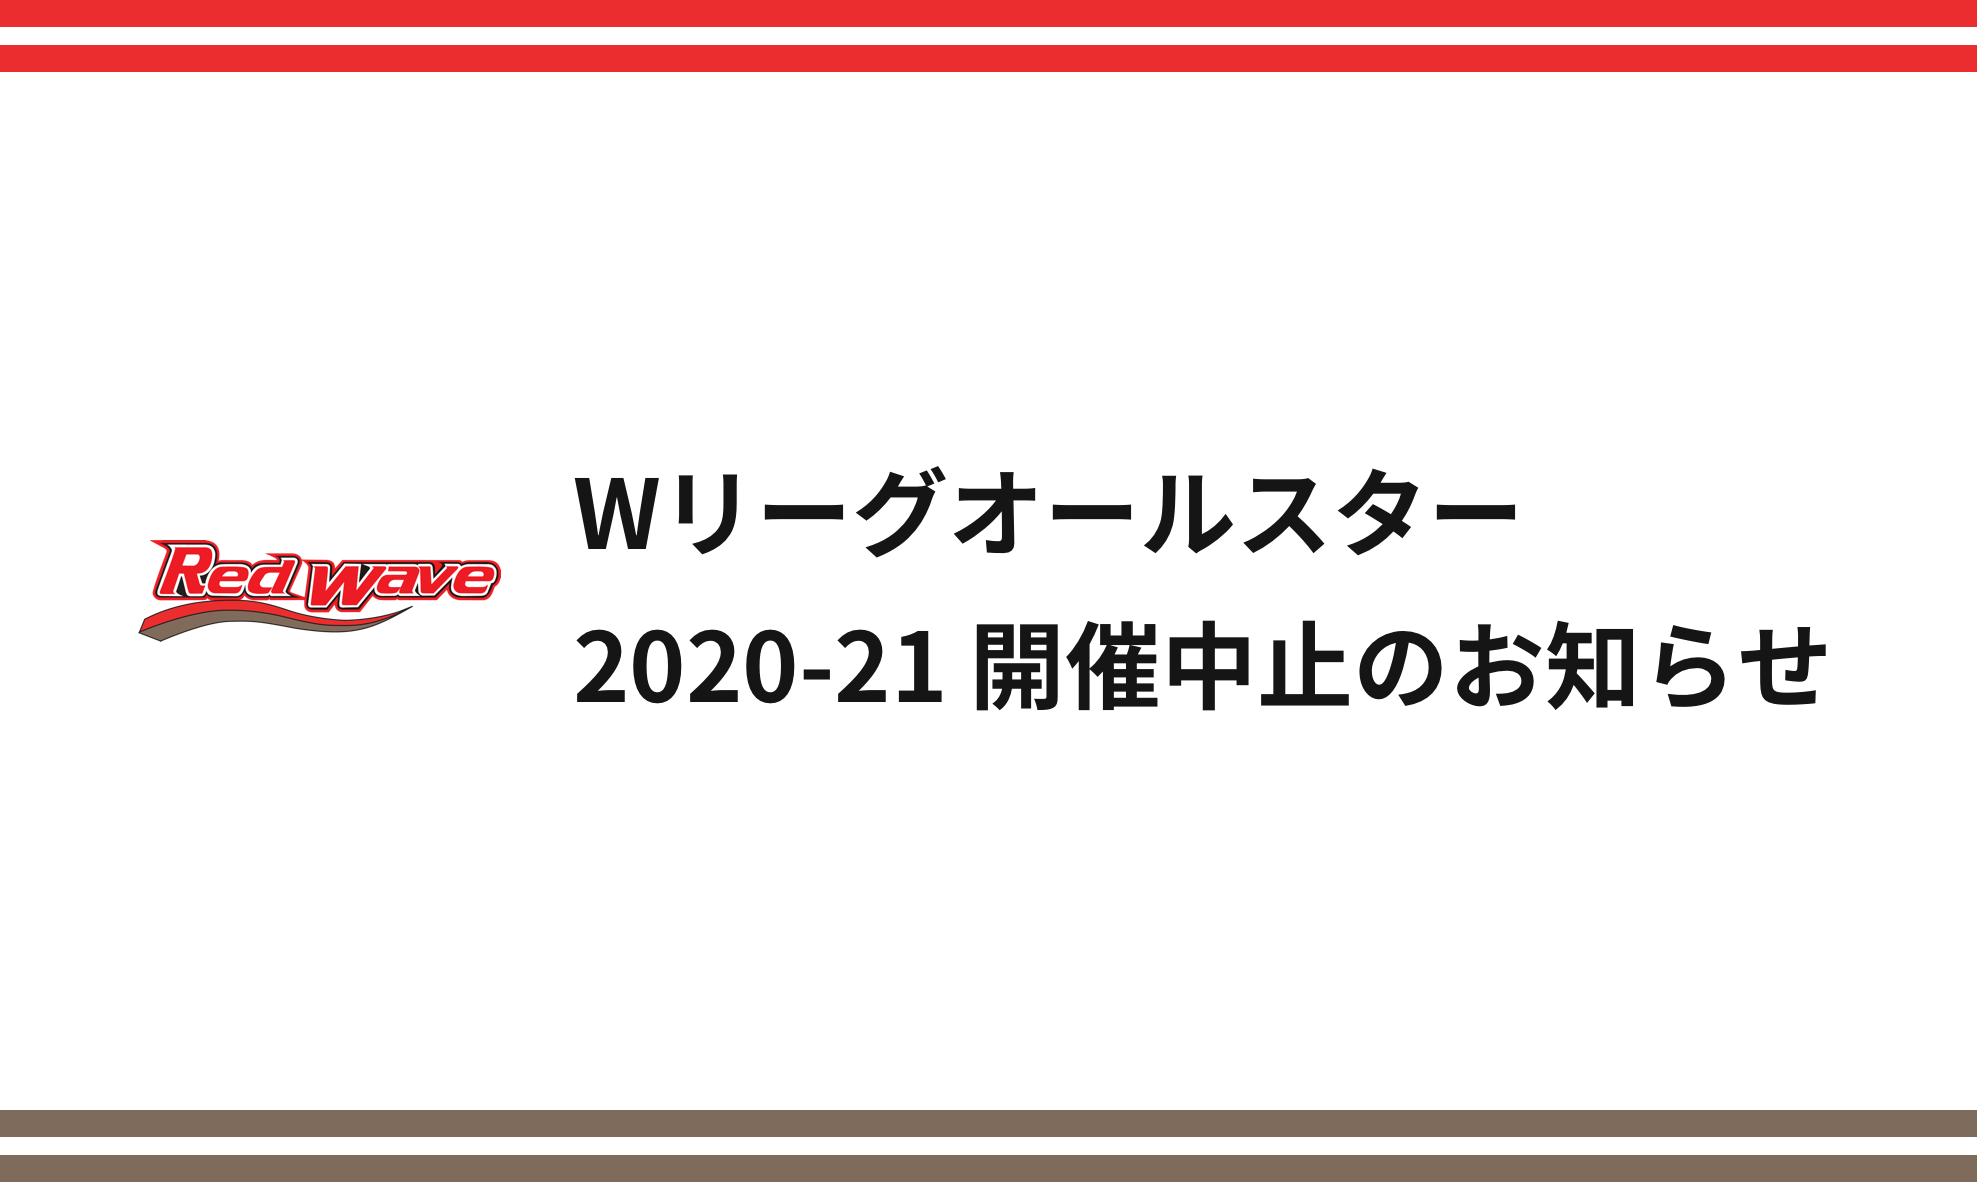 Wリーグオールスター2020-21 開催…